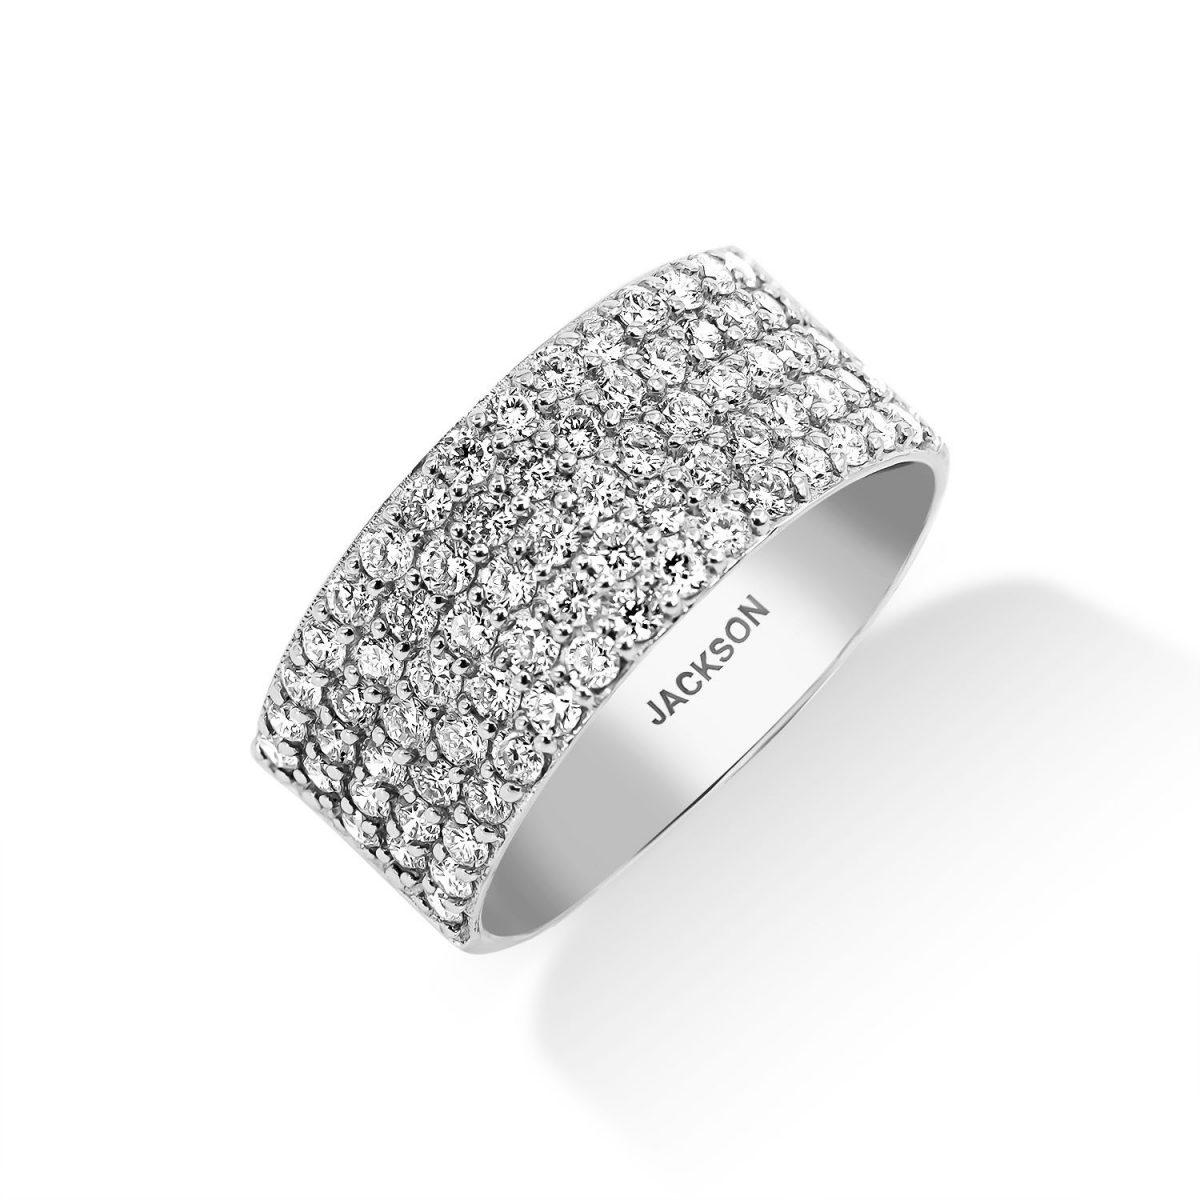 טבעת יהלומים - הלנה - זהב לבן